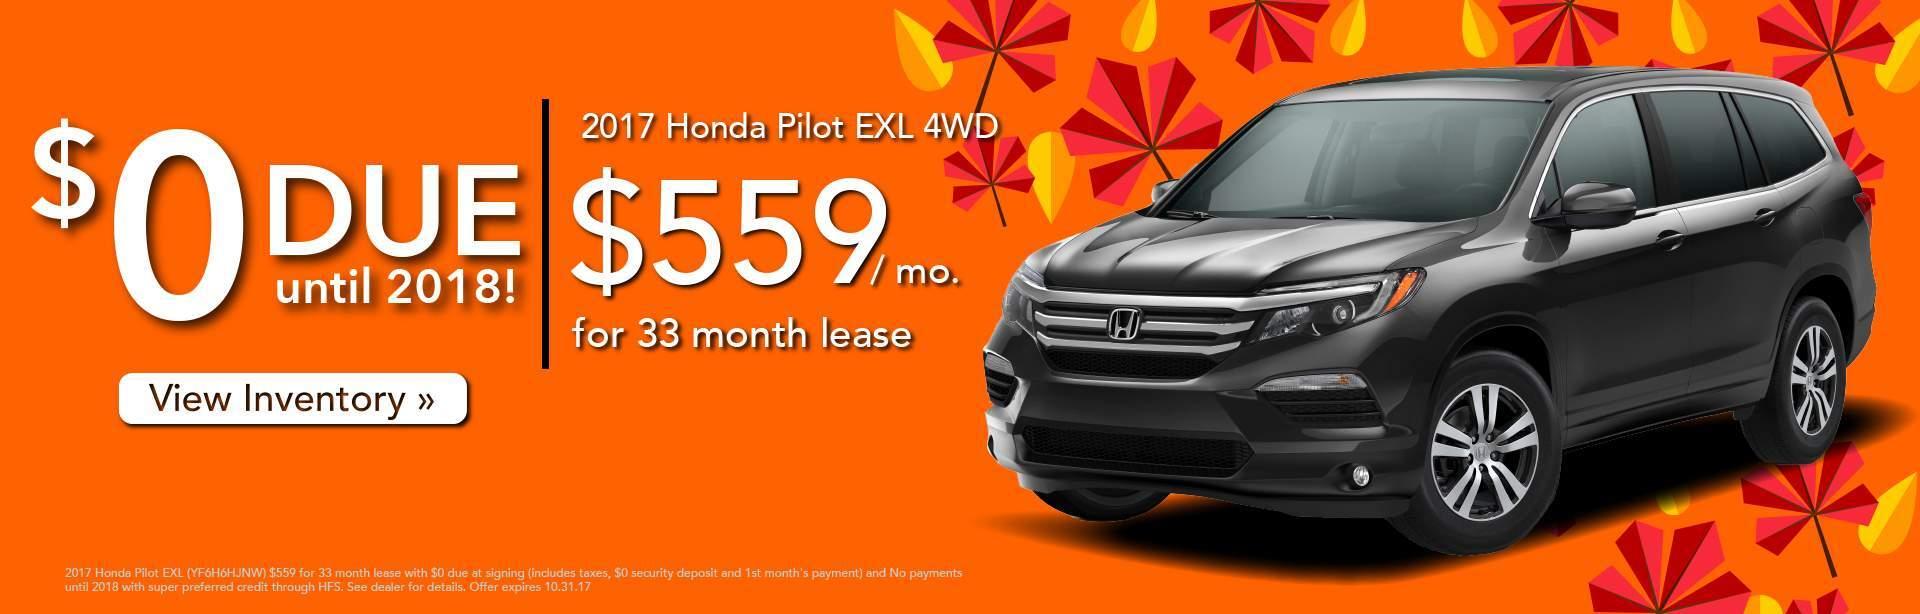 Honda pilot lease